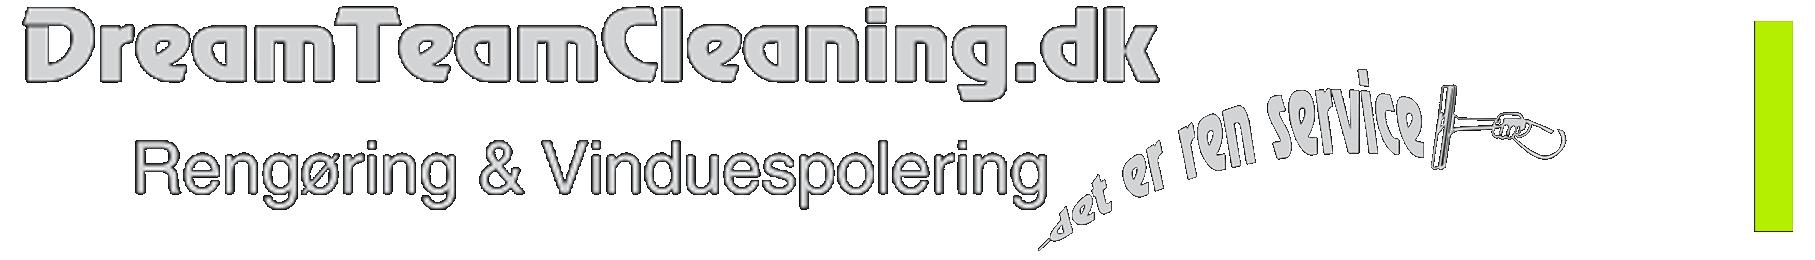 Dreamteam Cleaning |Rengøring Roskilde | Rengøring Ringsted | Vinduespudser Præstø | Rengøring Præstø |Tømining og rengøring af dødsboer | |Vinduespudser Rønnede | Rengøring Rønnede |Vinduespudser Faxe | Rengøring Faxe |  Vinduespudser Næstved | Rengøring  Næstved | |Vinduespudser Lundby| Rengøring  Lundby  |Vinduespudser Vordingborg | Rengøring Vordingborg   | tøming af dødsboer | rengøring af dødsboer